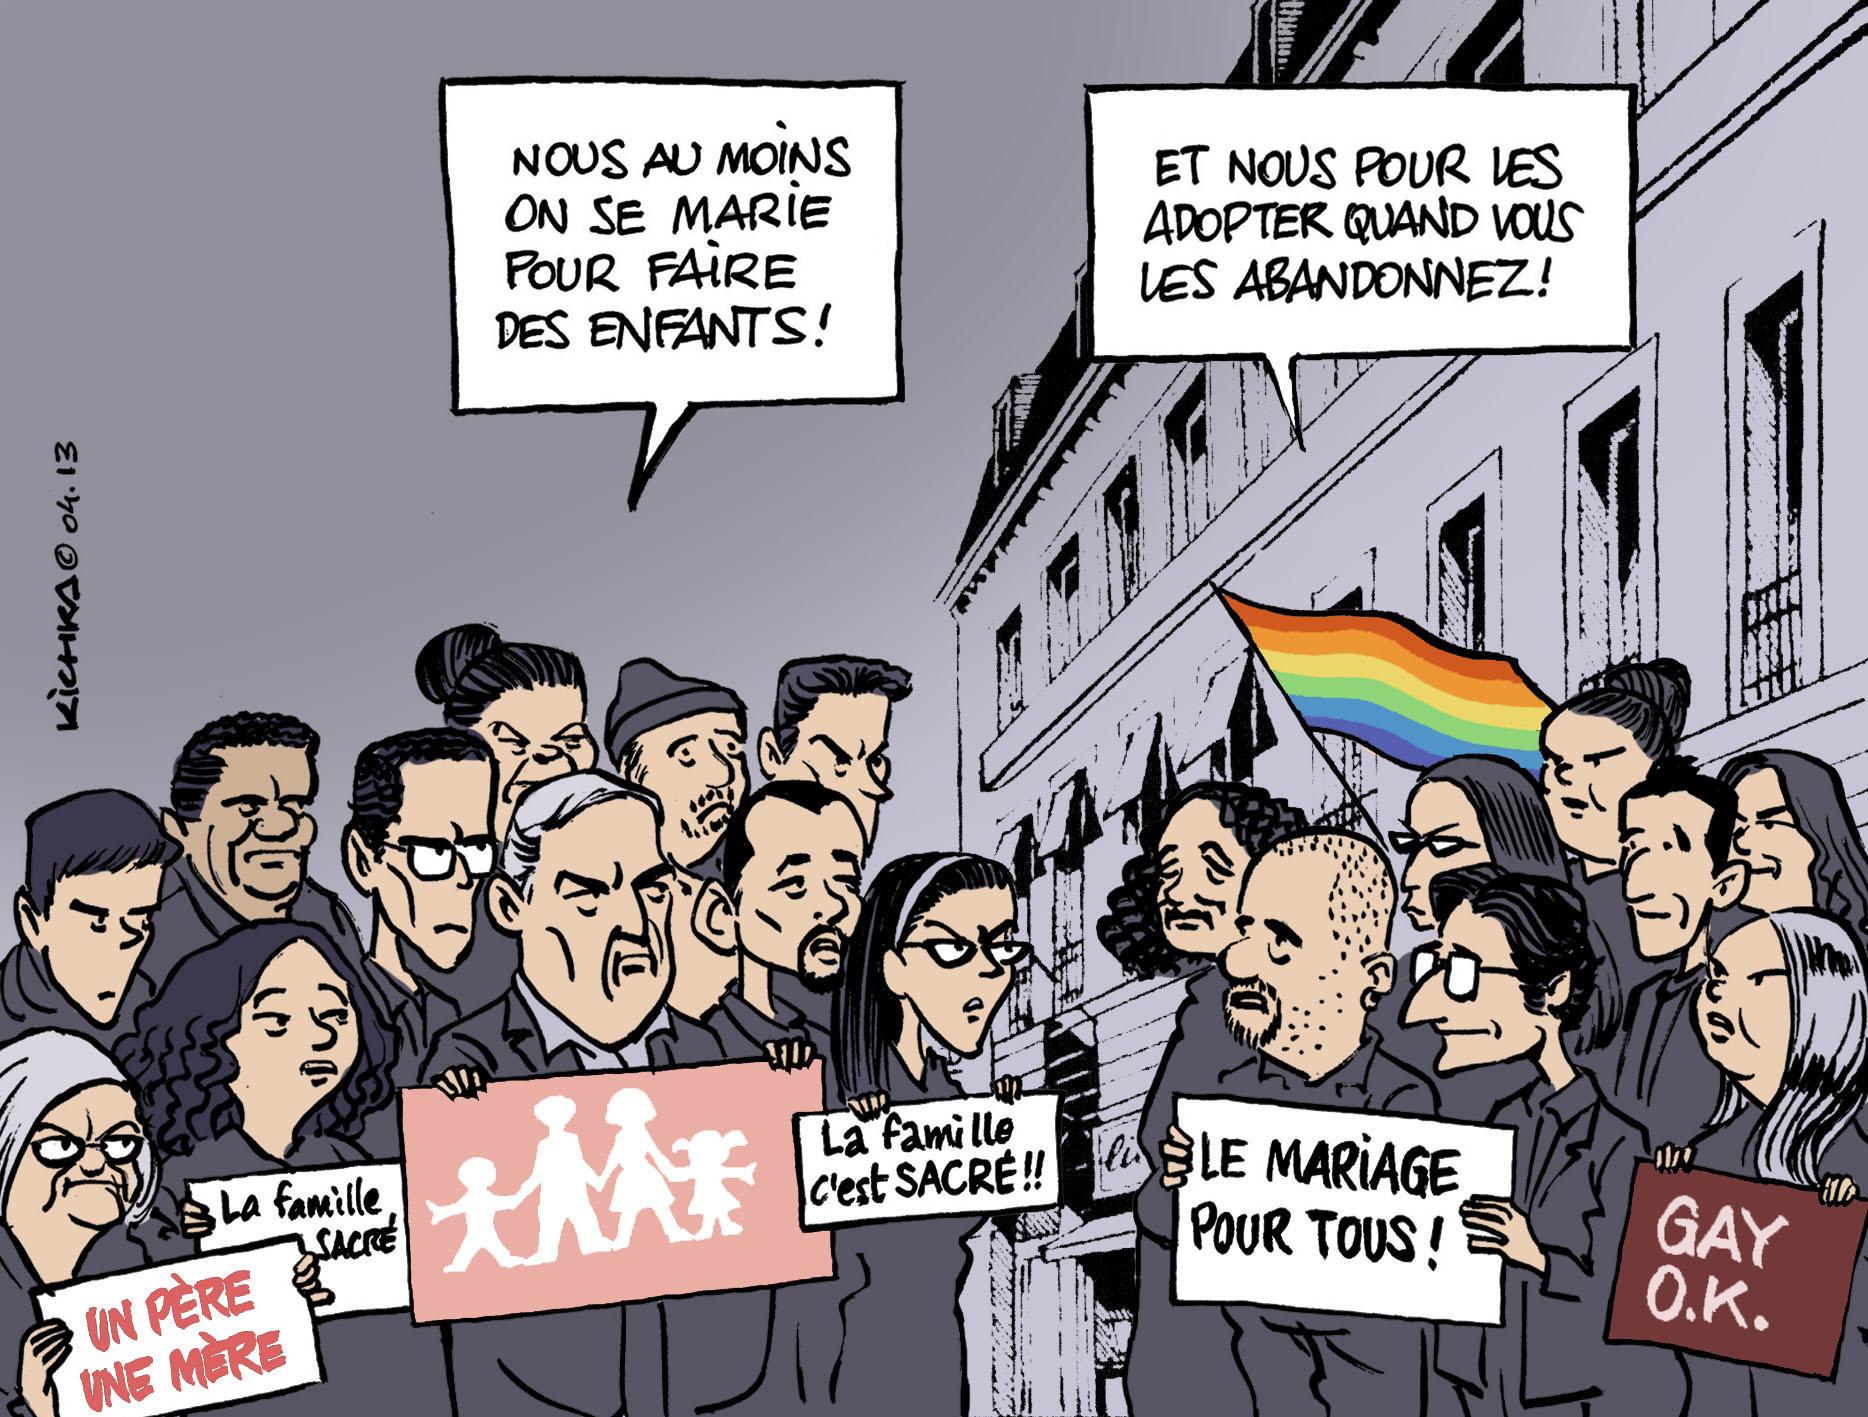 Mariage Pour Tous Vote Michel Kichka